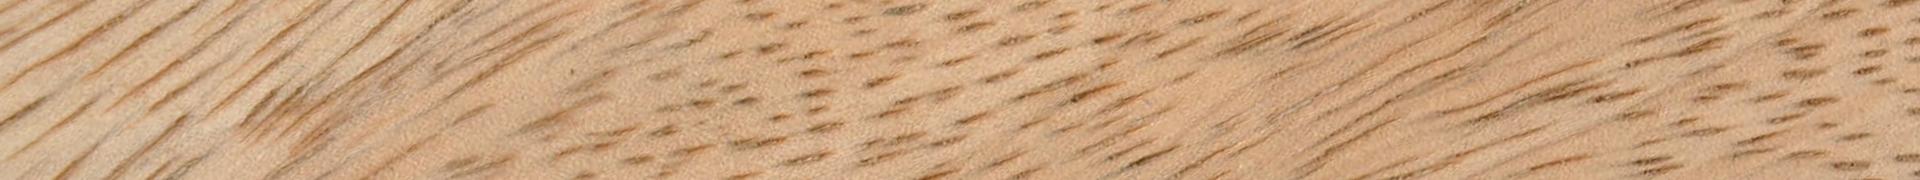 Mango wood.